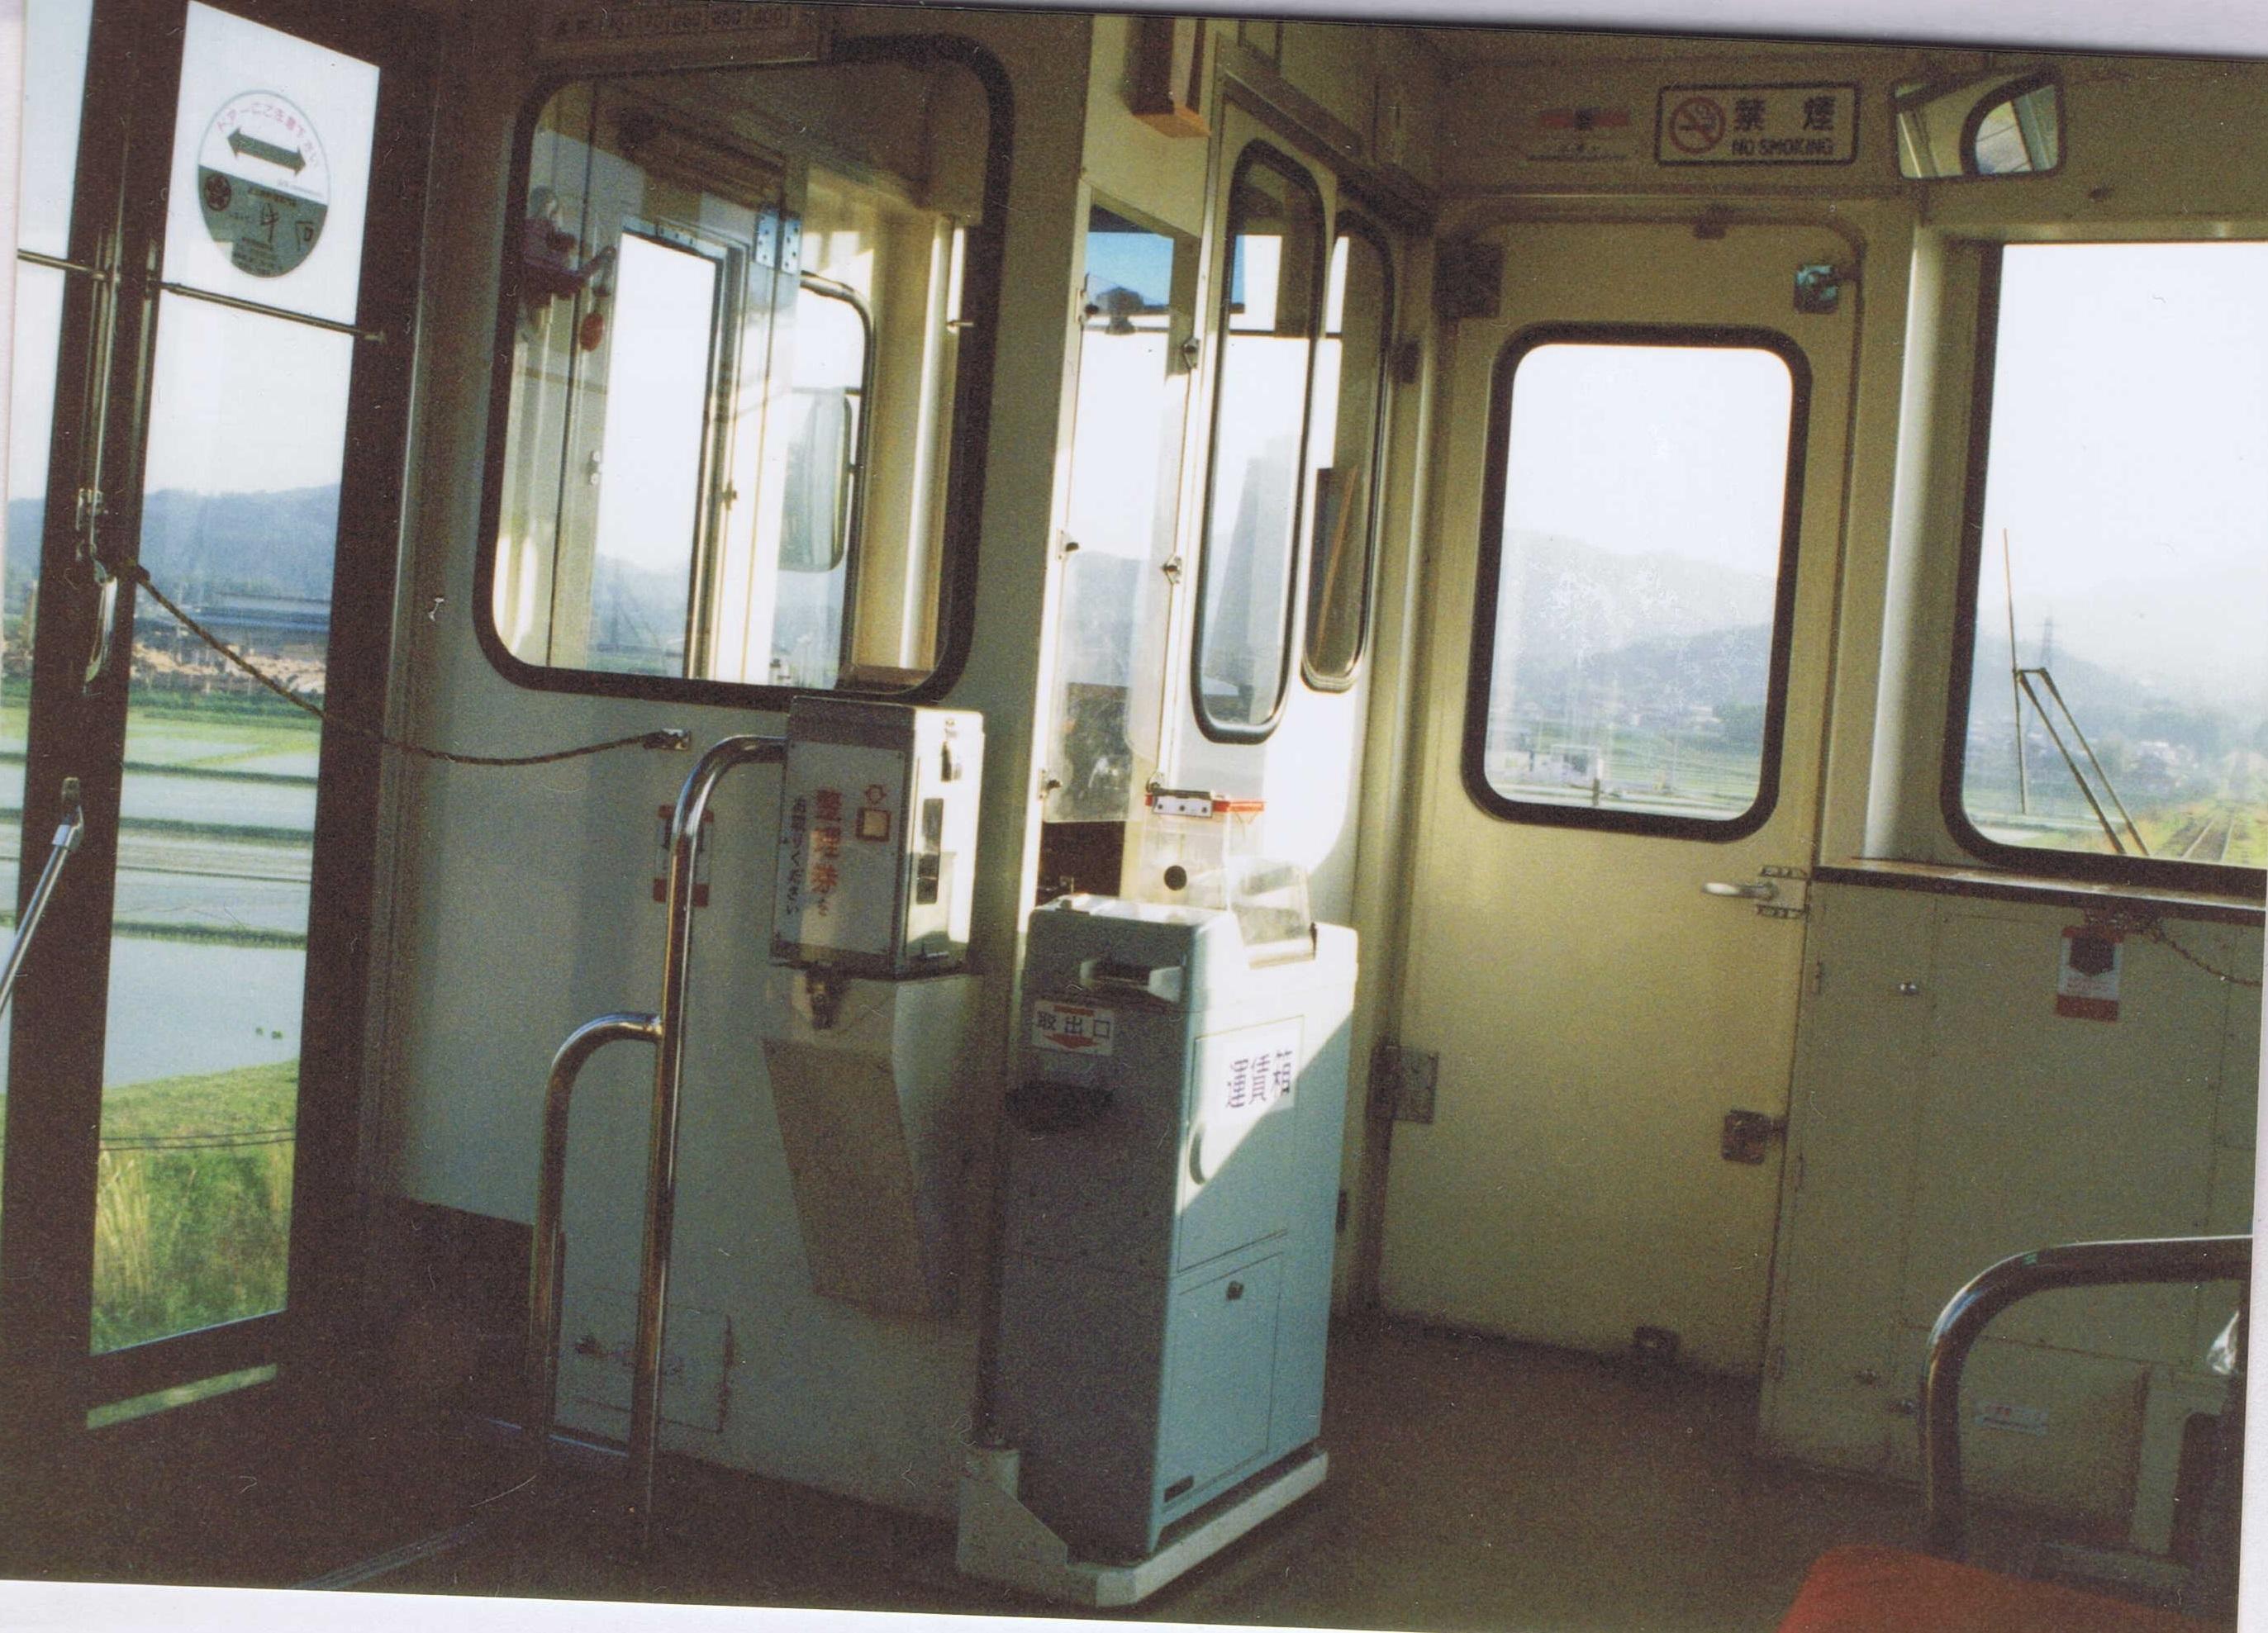 紫香楽宮跡-貴生川 運転席